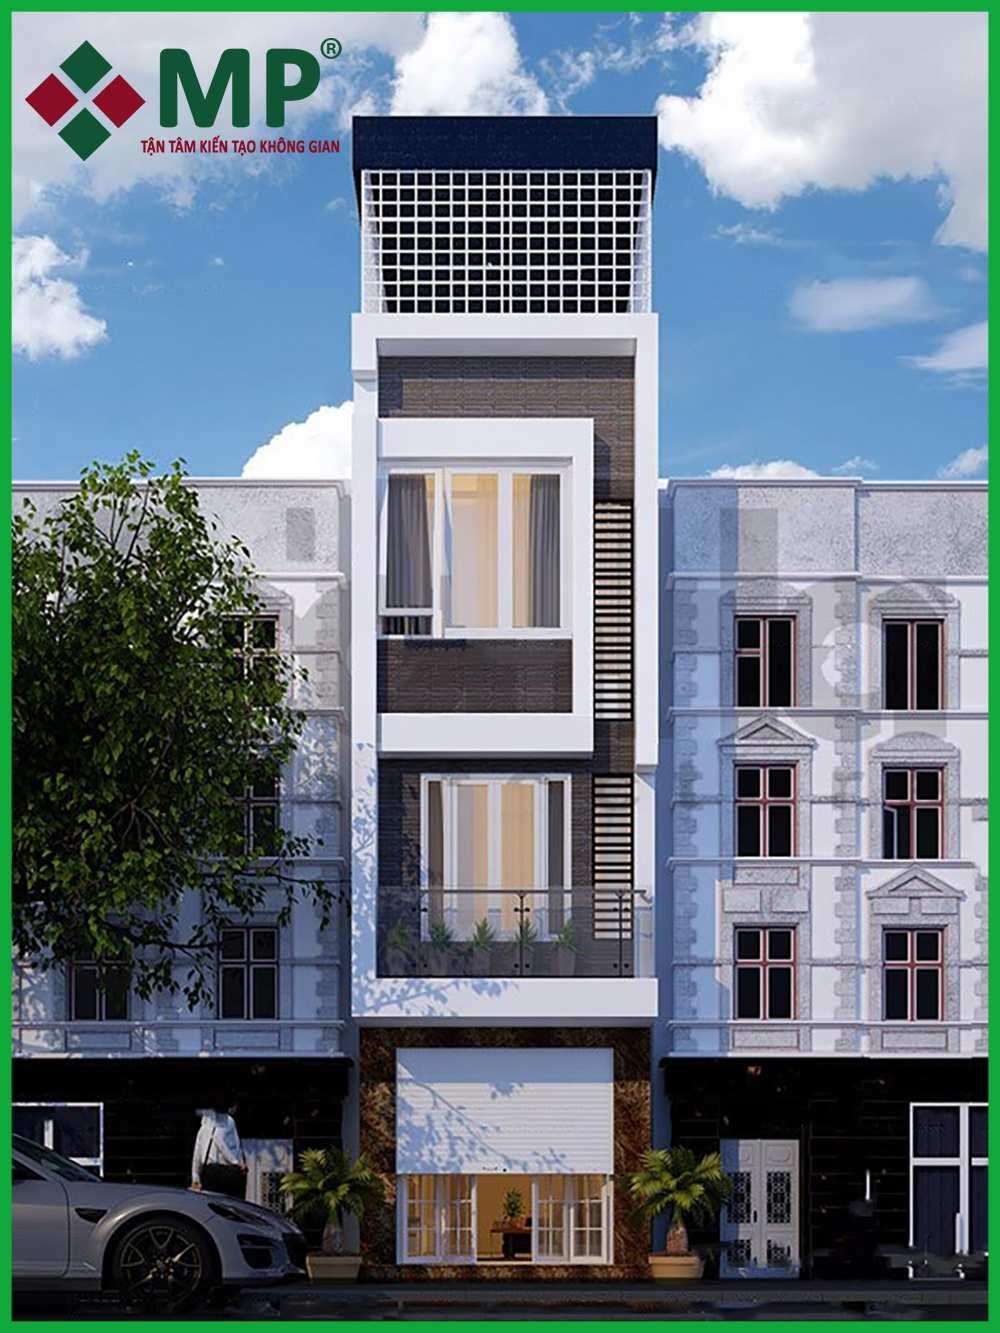 Mẫu nhà phố 4 tầng hiện đại nhất năm 2020